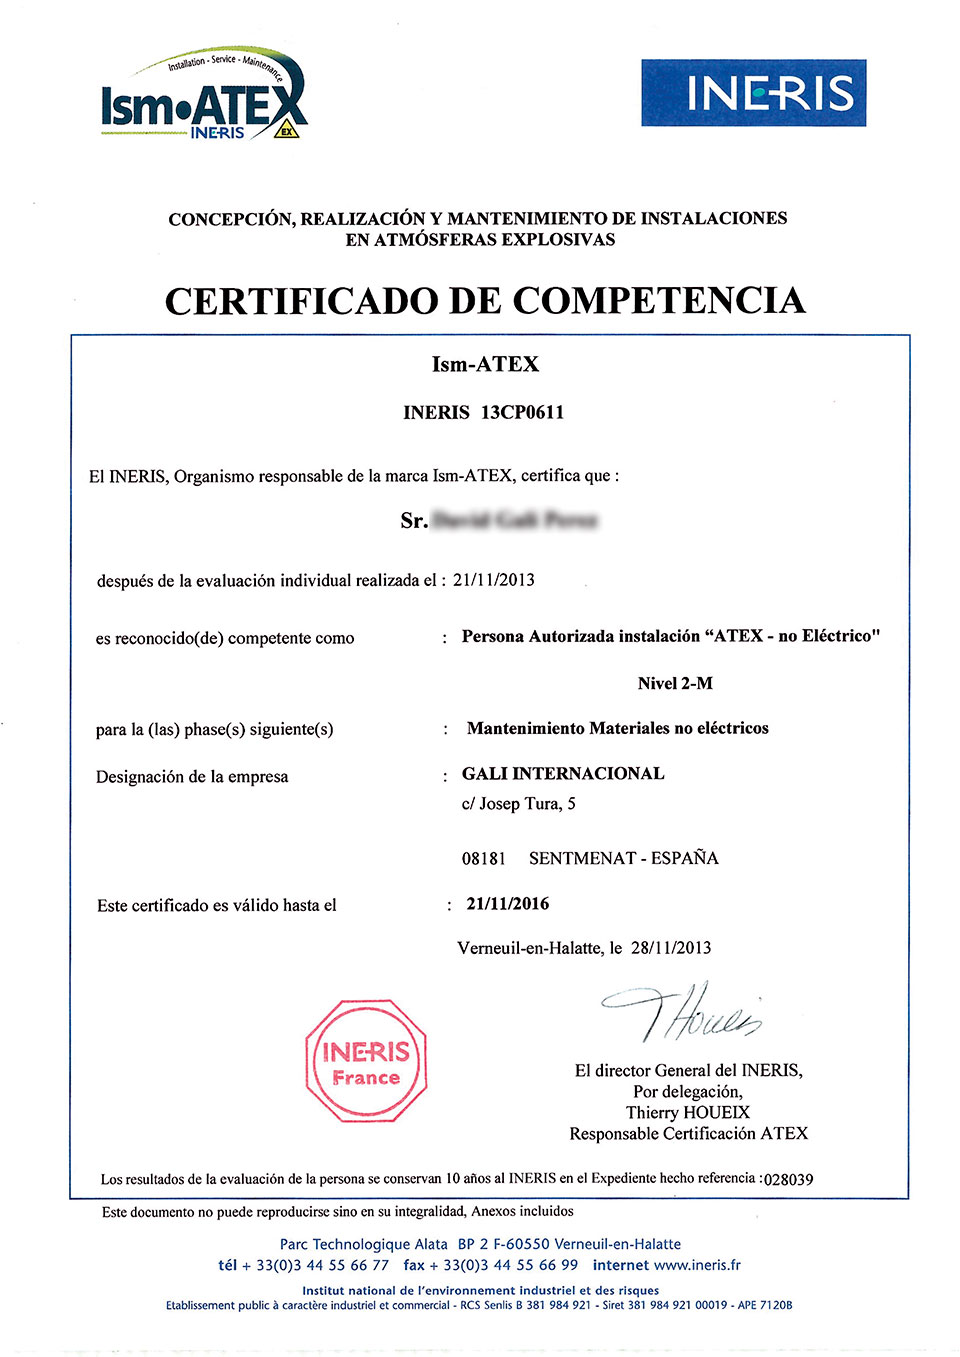 DG-INERIS_Curso-IsmATEX-2M-1 certificate